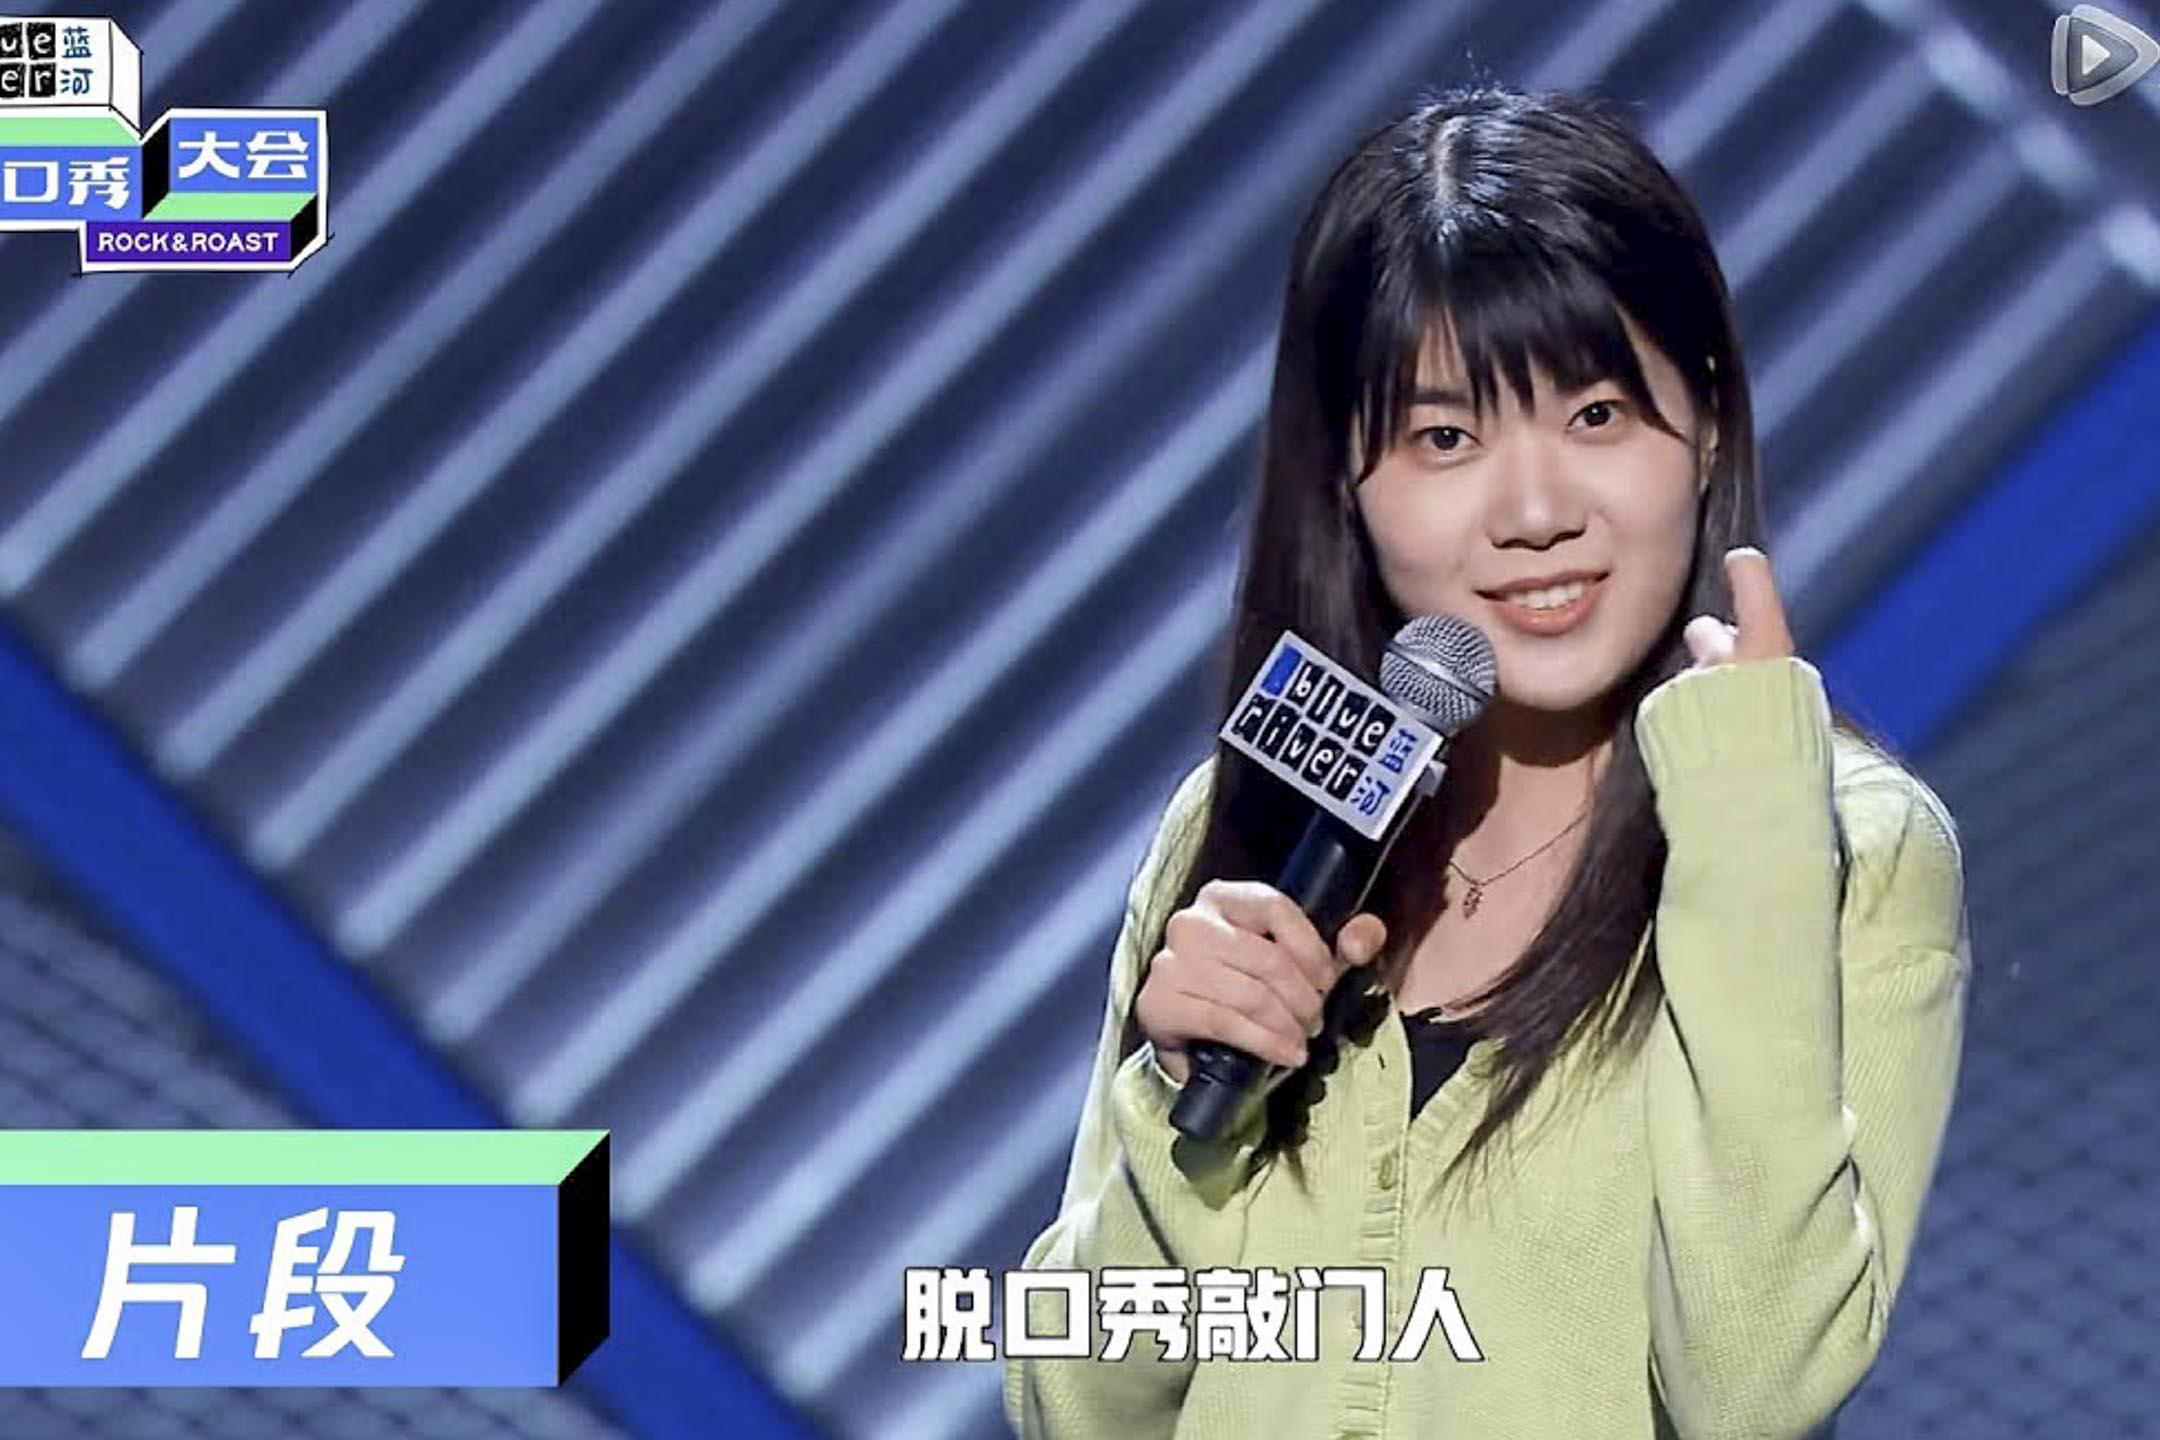 《脱口秀大會》選手楊笠。 圖:網上圖片